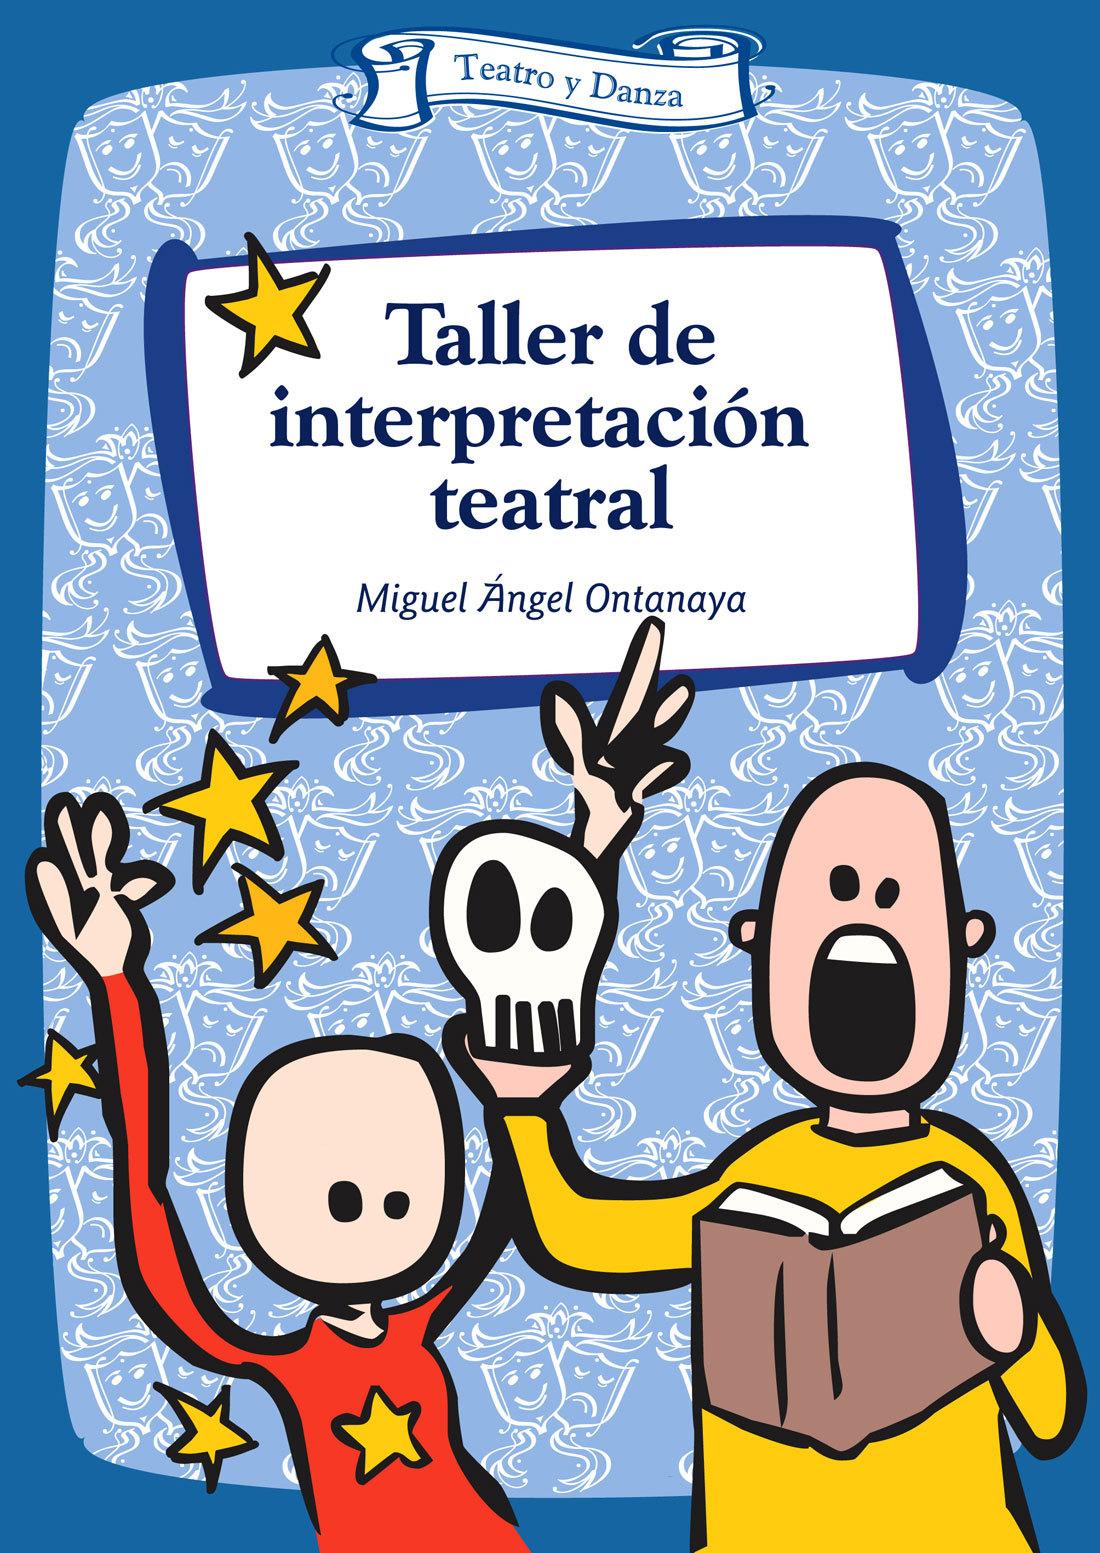 Taller de interpretación teatral Miguel Ángel Ontanaya